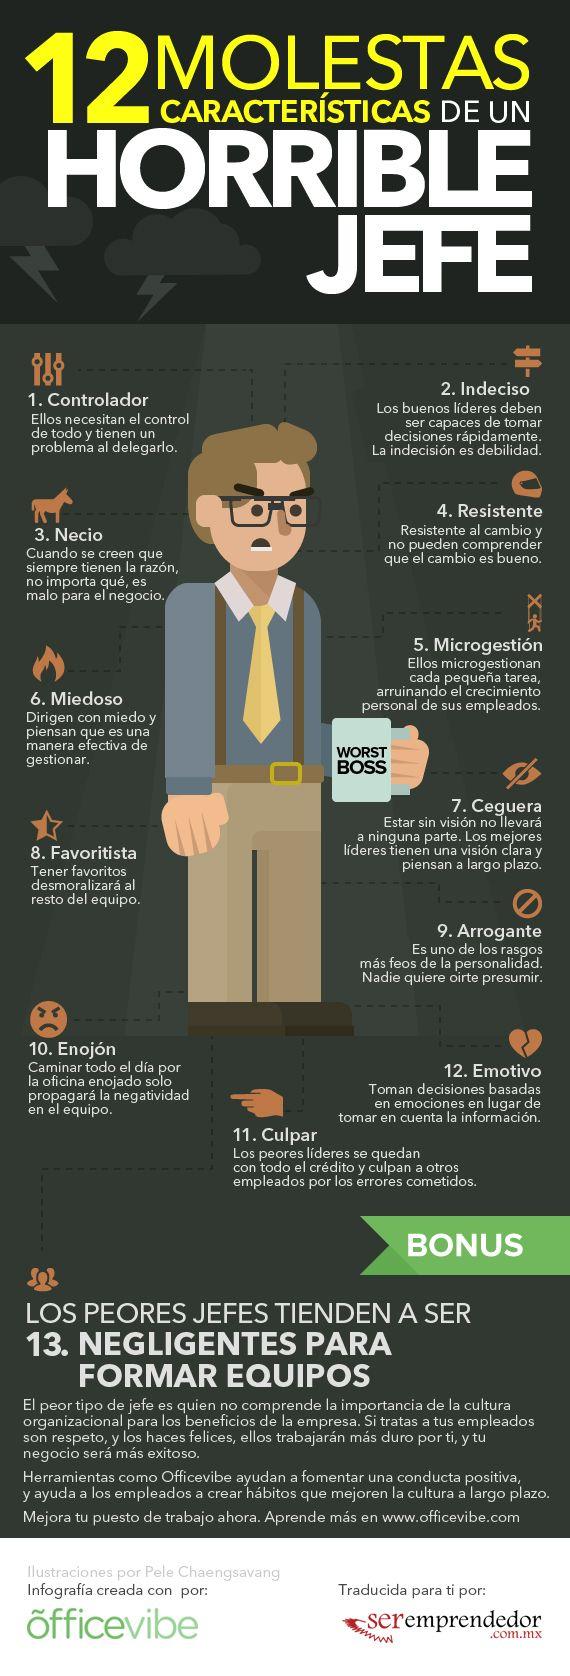 #Infografia #Curiosidades Características de un Horrible Jefe. #TAVnews